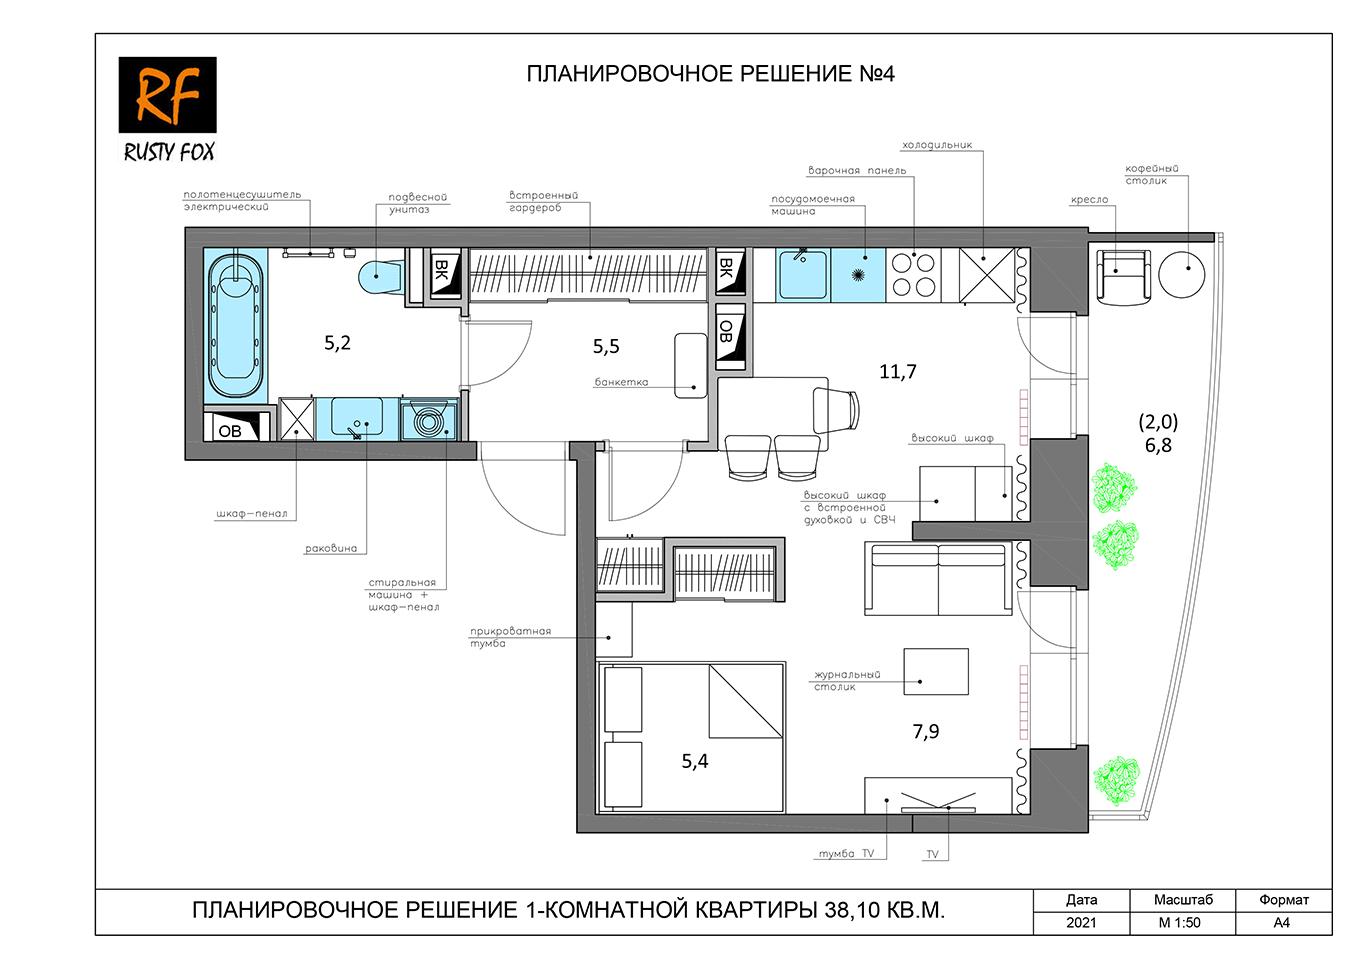 ЖК Люберцы корпус 54. Планировочное решение №4 1-комнатная квартира правая 38,10 кв.м.